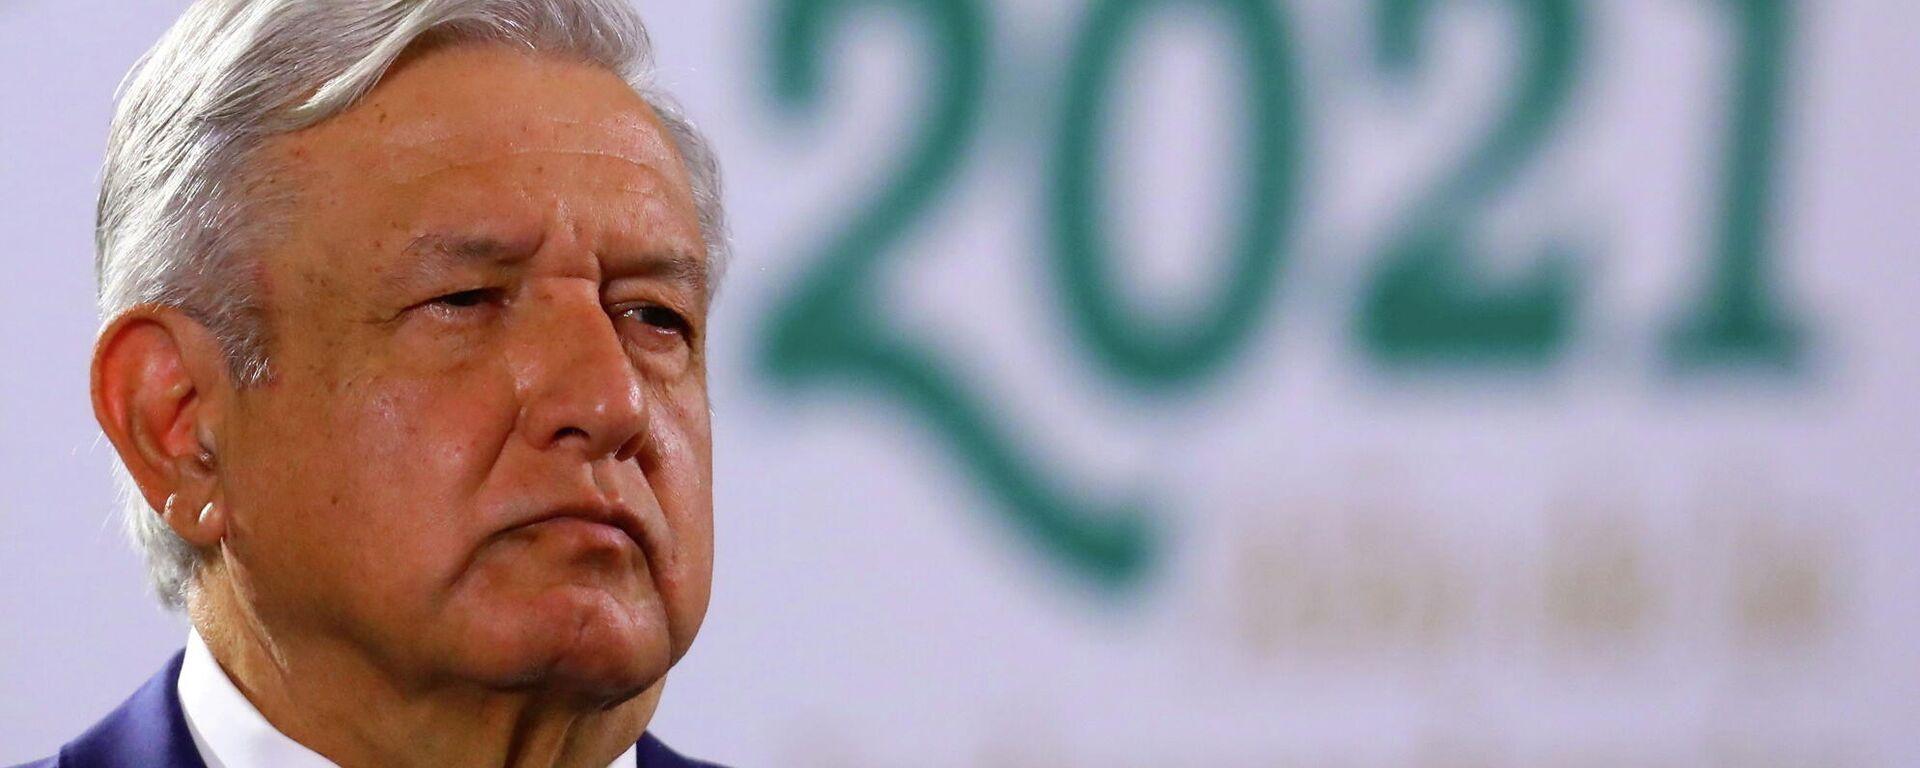 Andrés Manuel López Obrador, presidente de México - Sputnik Mundo, 1920, 02.06.2021